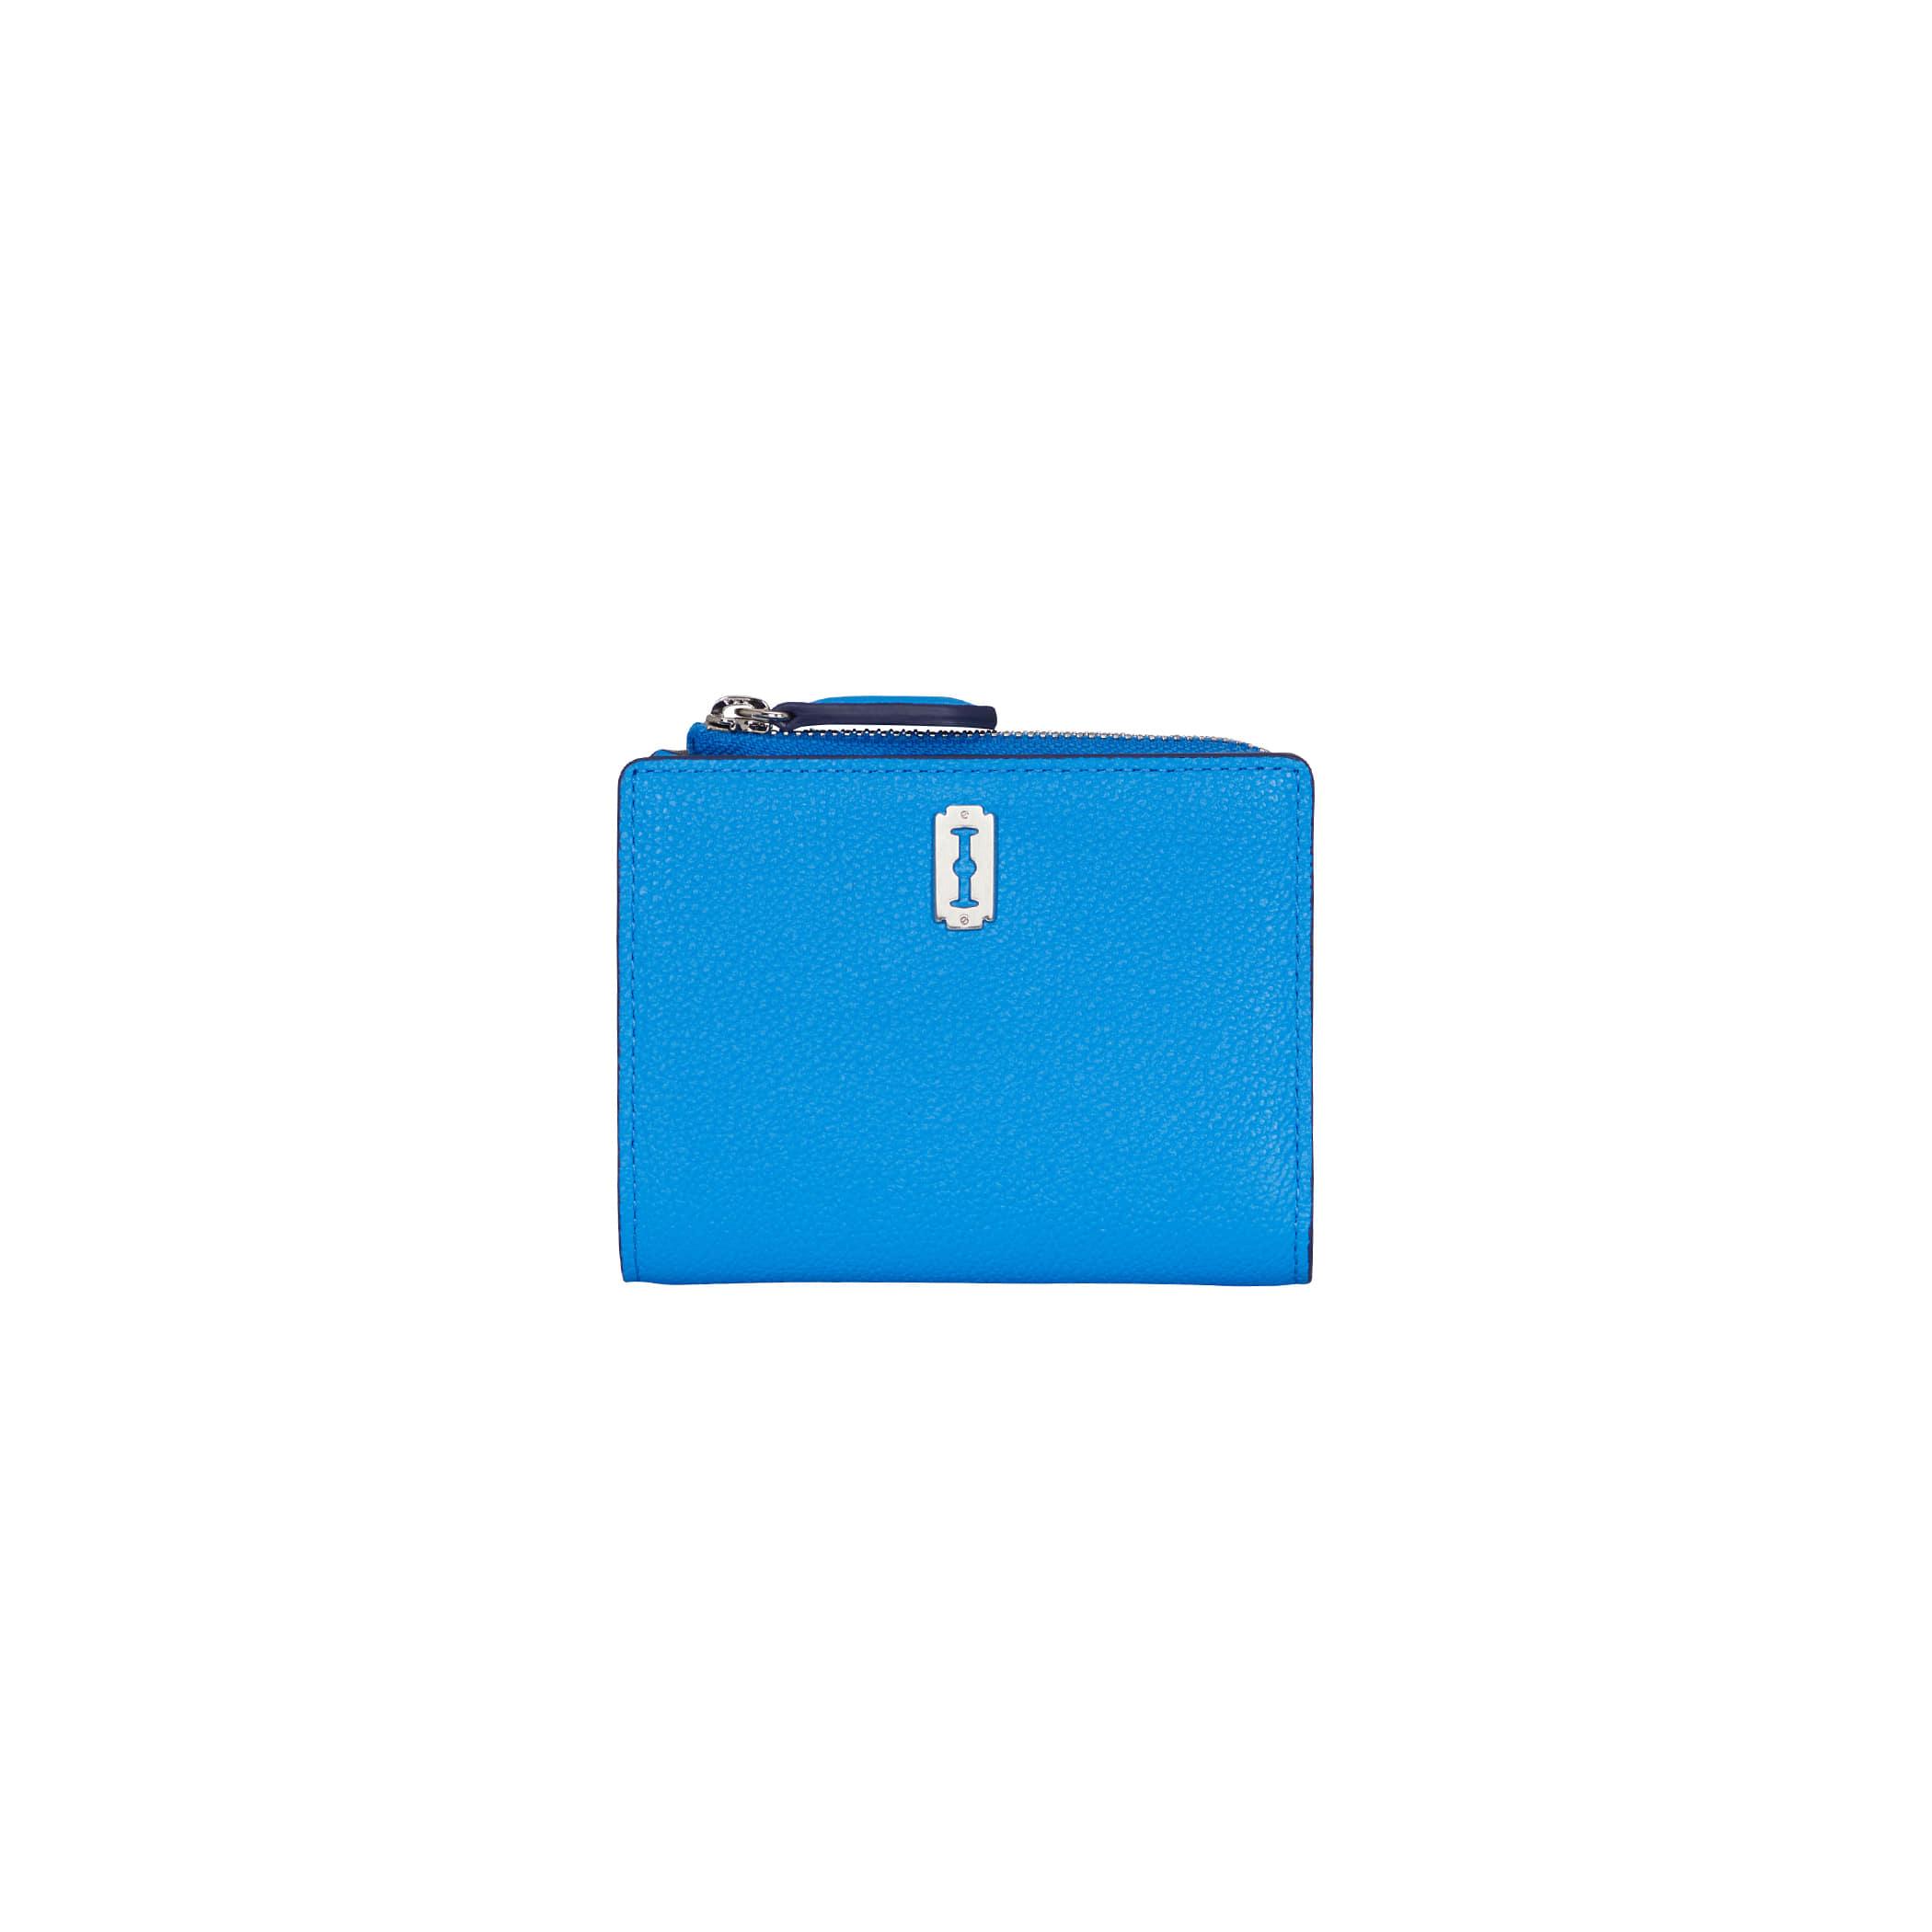 Perfec Flip wallet (퍼펙 플립 지갑) Fine blue